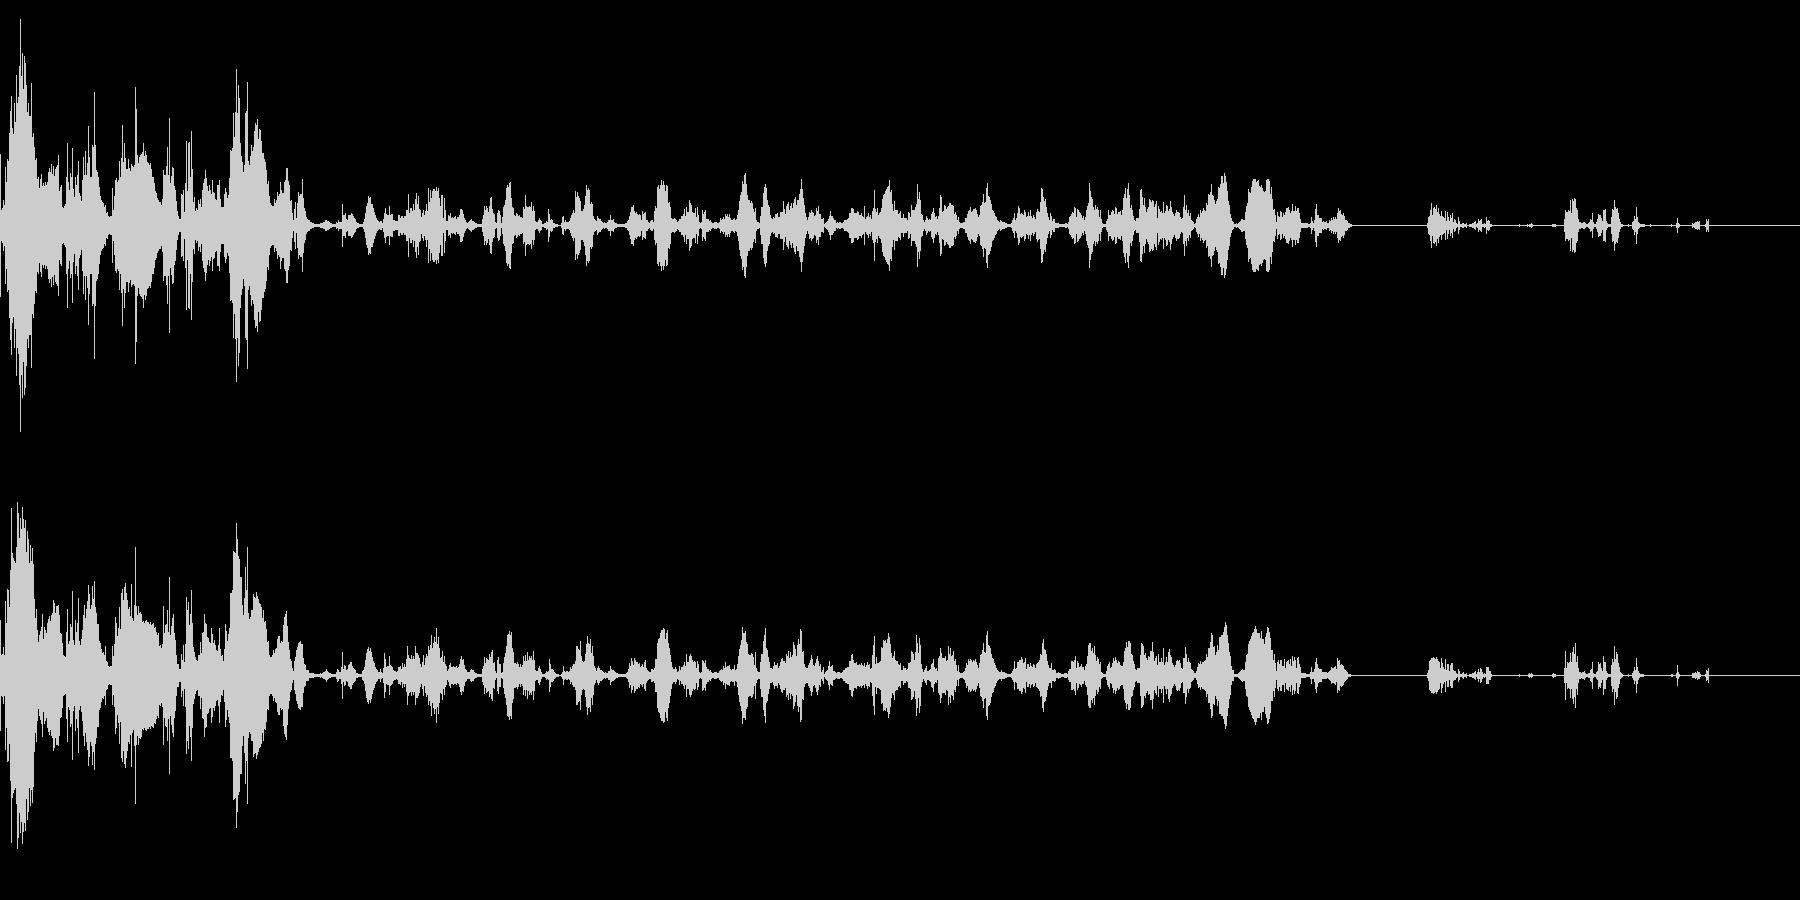 電撃(バシューン、ビリビリ)の未再生の波形